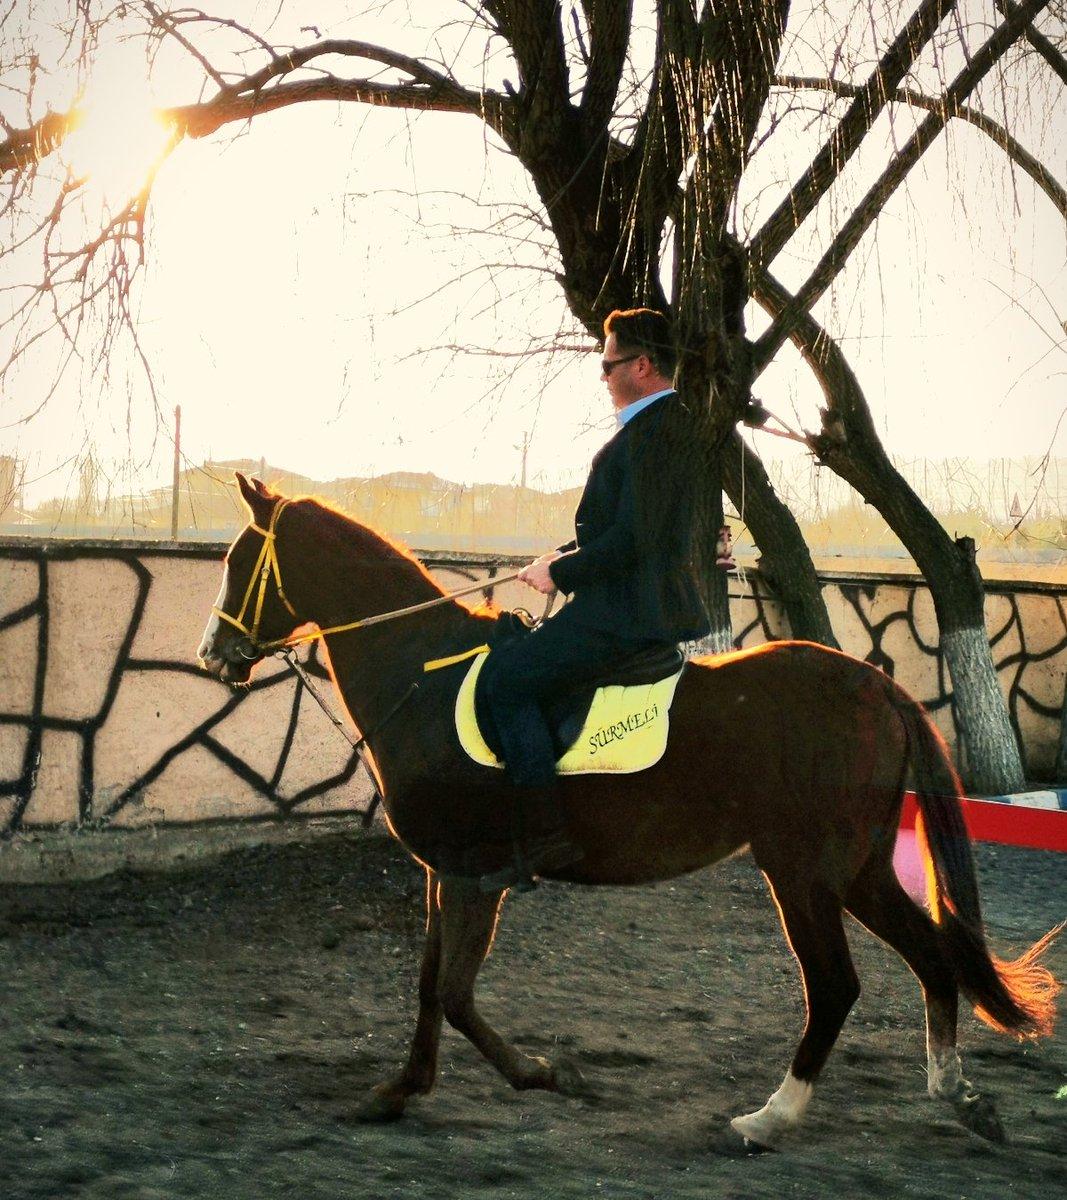 Haklı olduğun mücadeleden korkma! Bilesin ki atın iyisine doru, yiğidin iyisine deli derler. //  Şeyh Edebali  #at #atbinme #horse #kırıkkale #ANKARA #afyon #afyonkarahisar #ihsaniye #yaylabağı #gazlıgöl #özlüsözler #sözler #tbt #tb #fun #funny #keşfet #keşfetteyiz